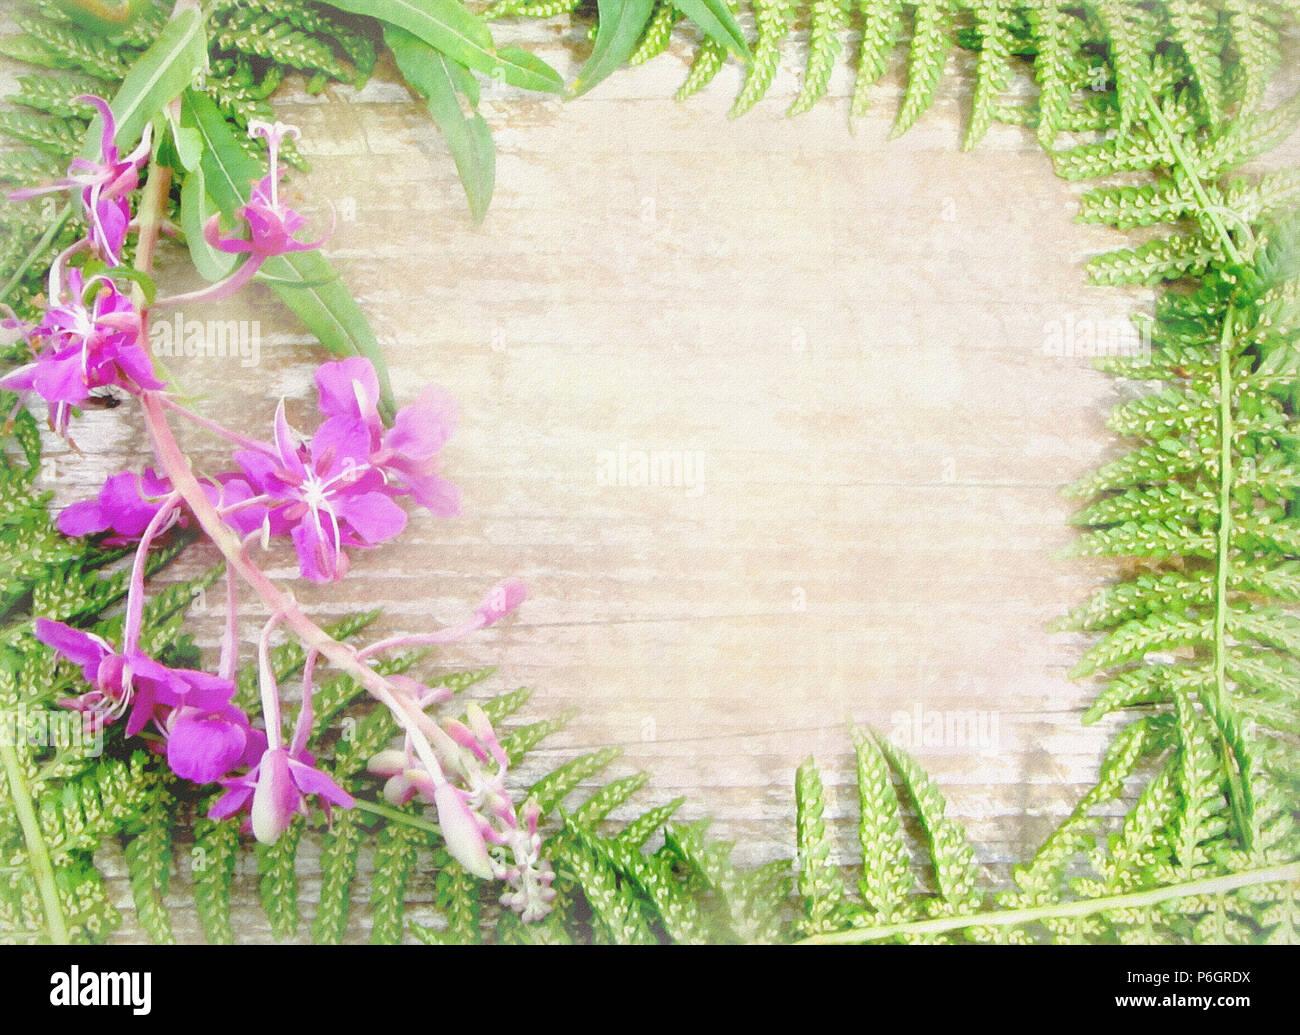 floral background mit wilden blumen und kr utern f r einladung ansage gru karten wildes holz. Black Bedroom Furniture Sets. Home Design Ideas